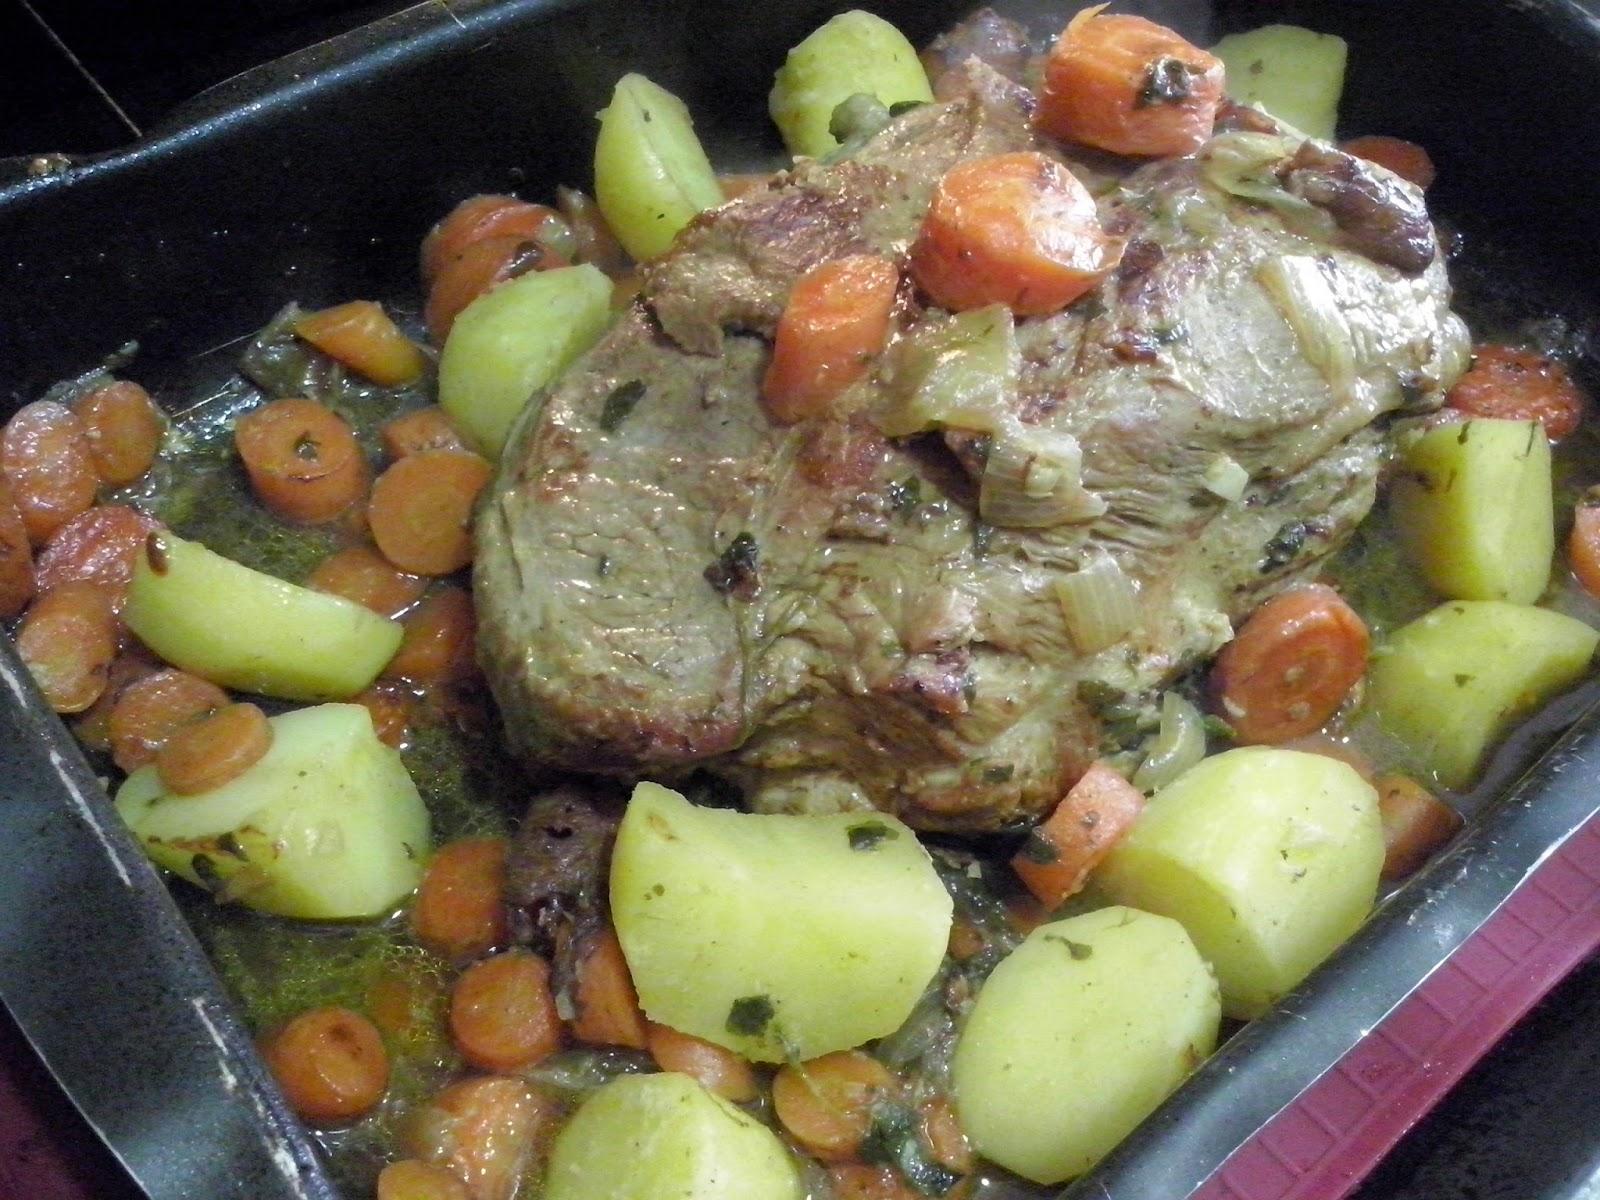 Carne de cerdo asada con verduras.